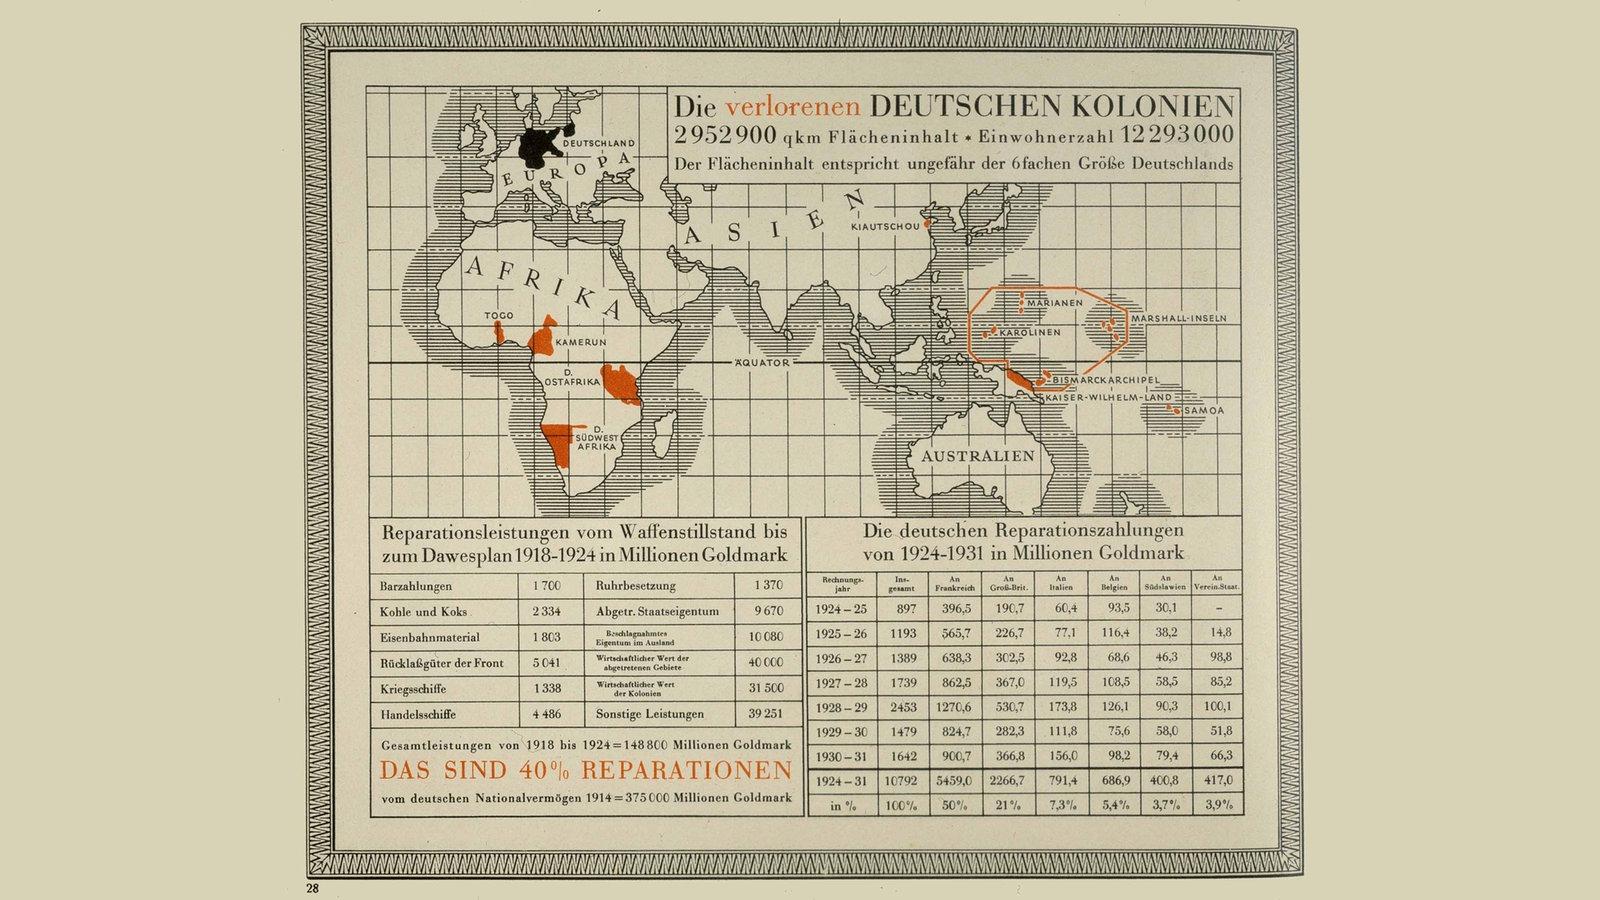 Reparationszahlungen 1. Weltkrieg Letzte Rate